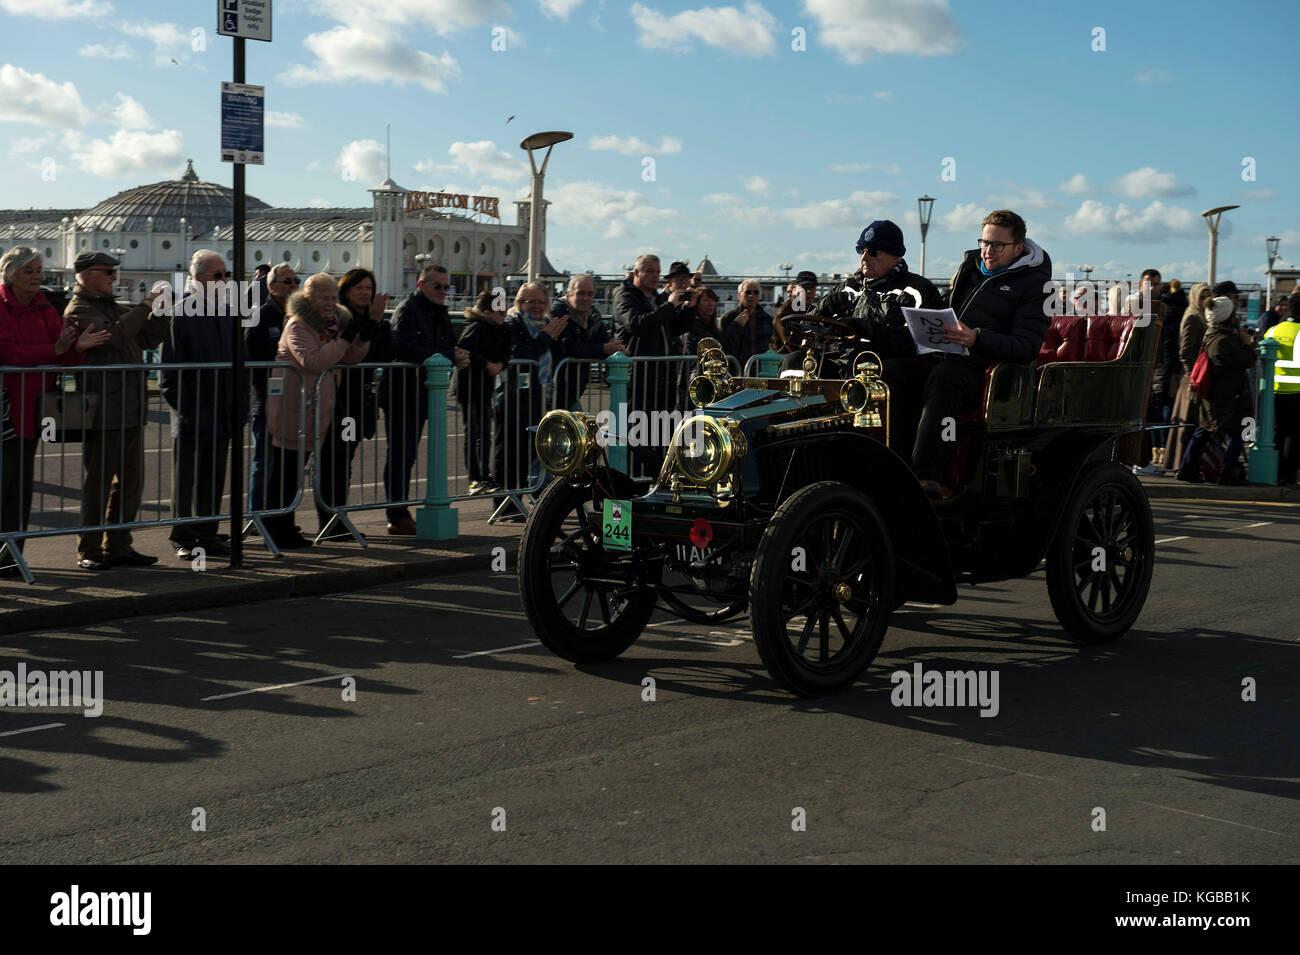 Veteran Car London Brighton Stock Photos & Veteran Car London ...